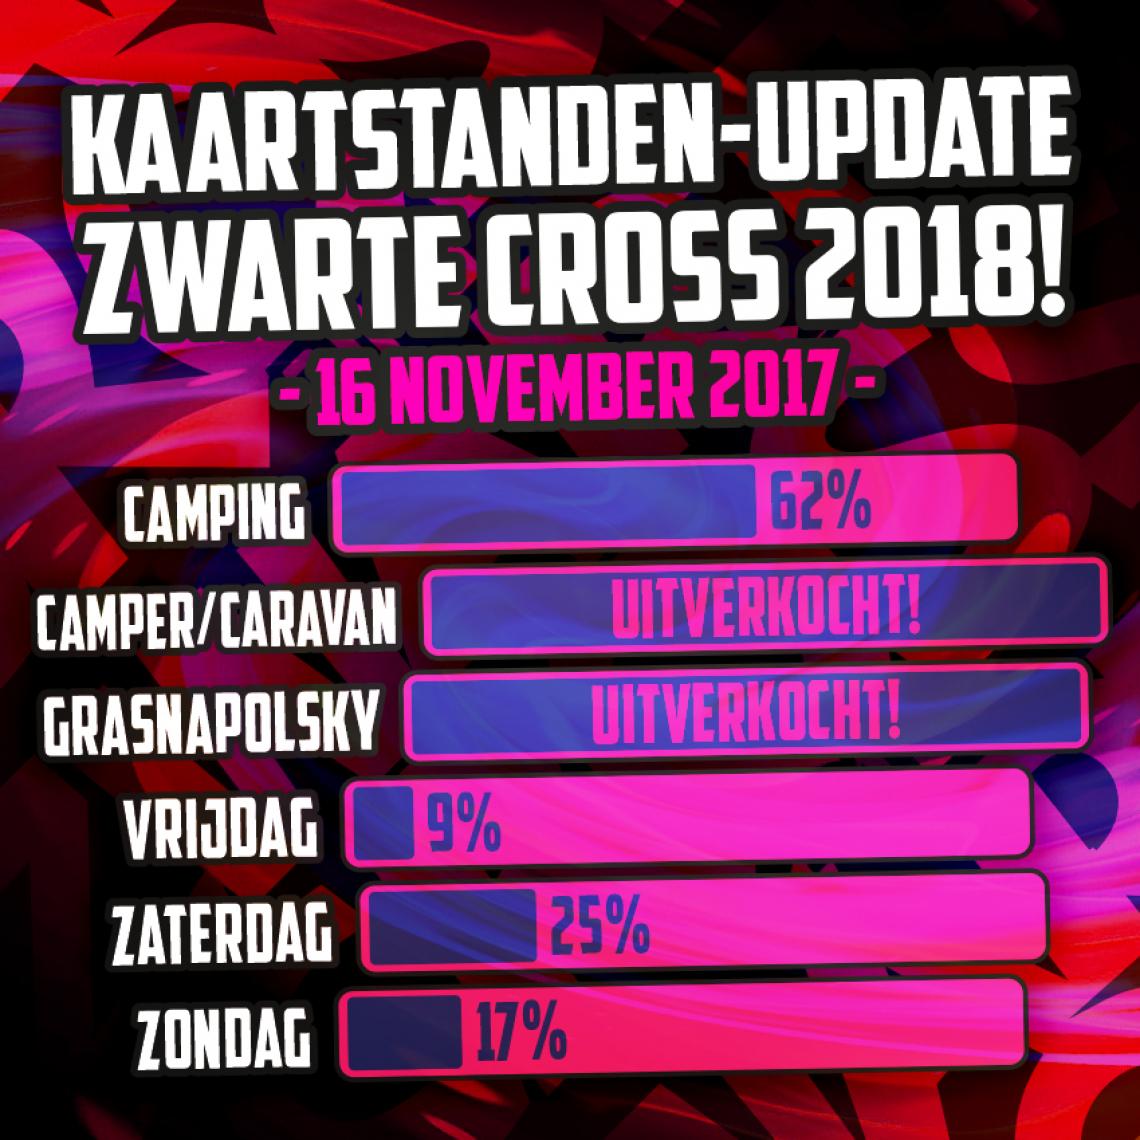 PERSBERICHT: Wereldwijde kaartverkoop voor 22e editie van de Zwarte Cross start overmorgen